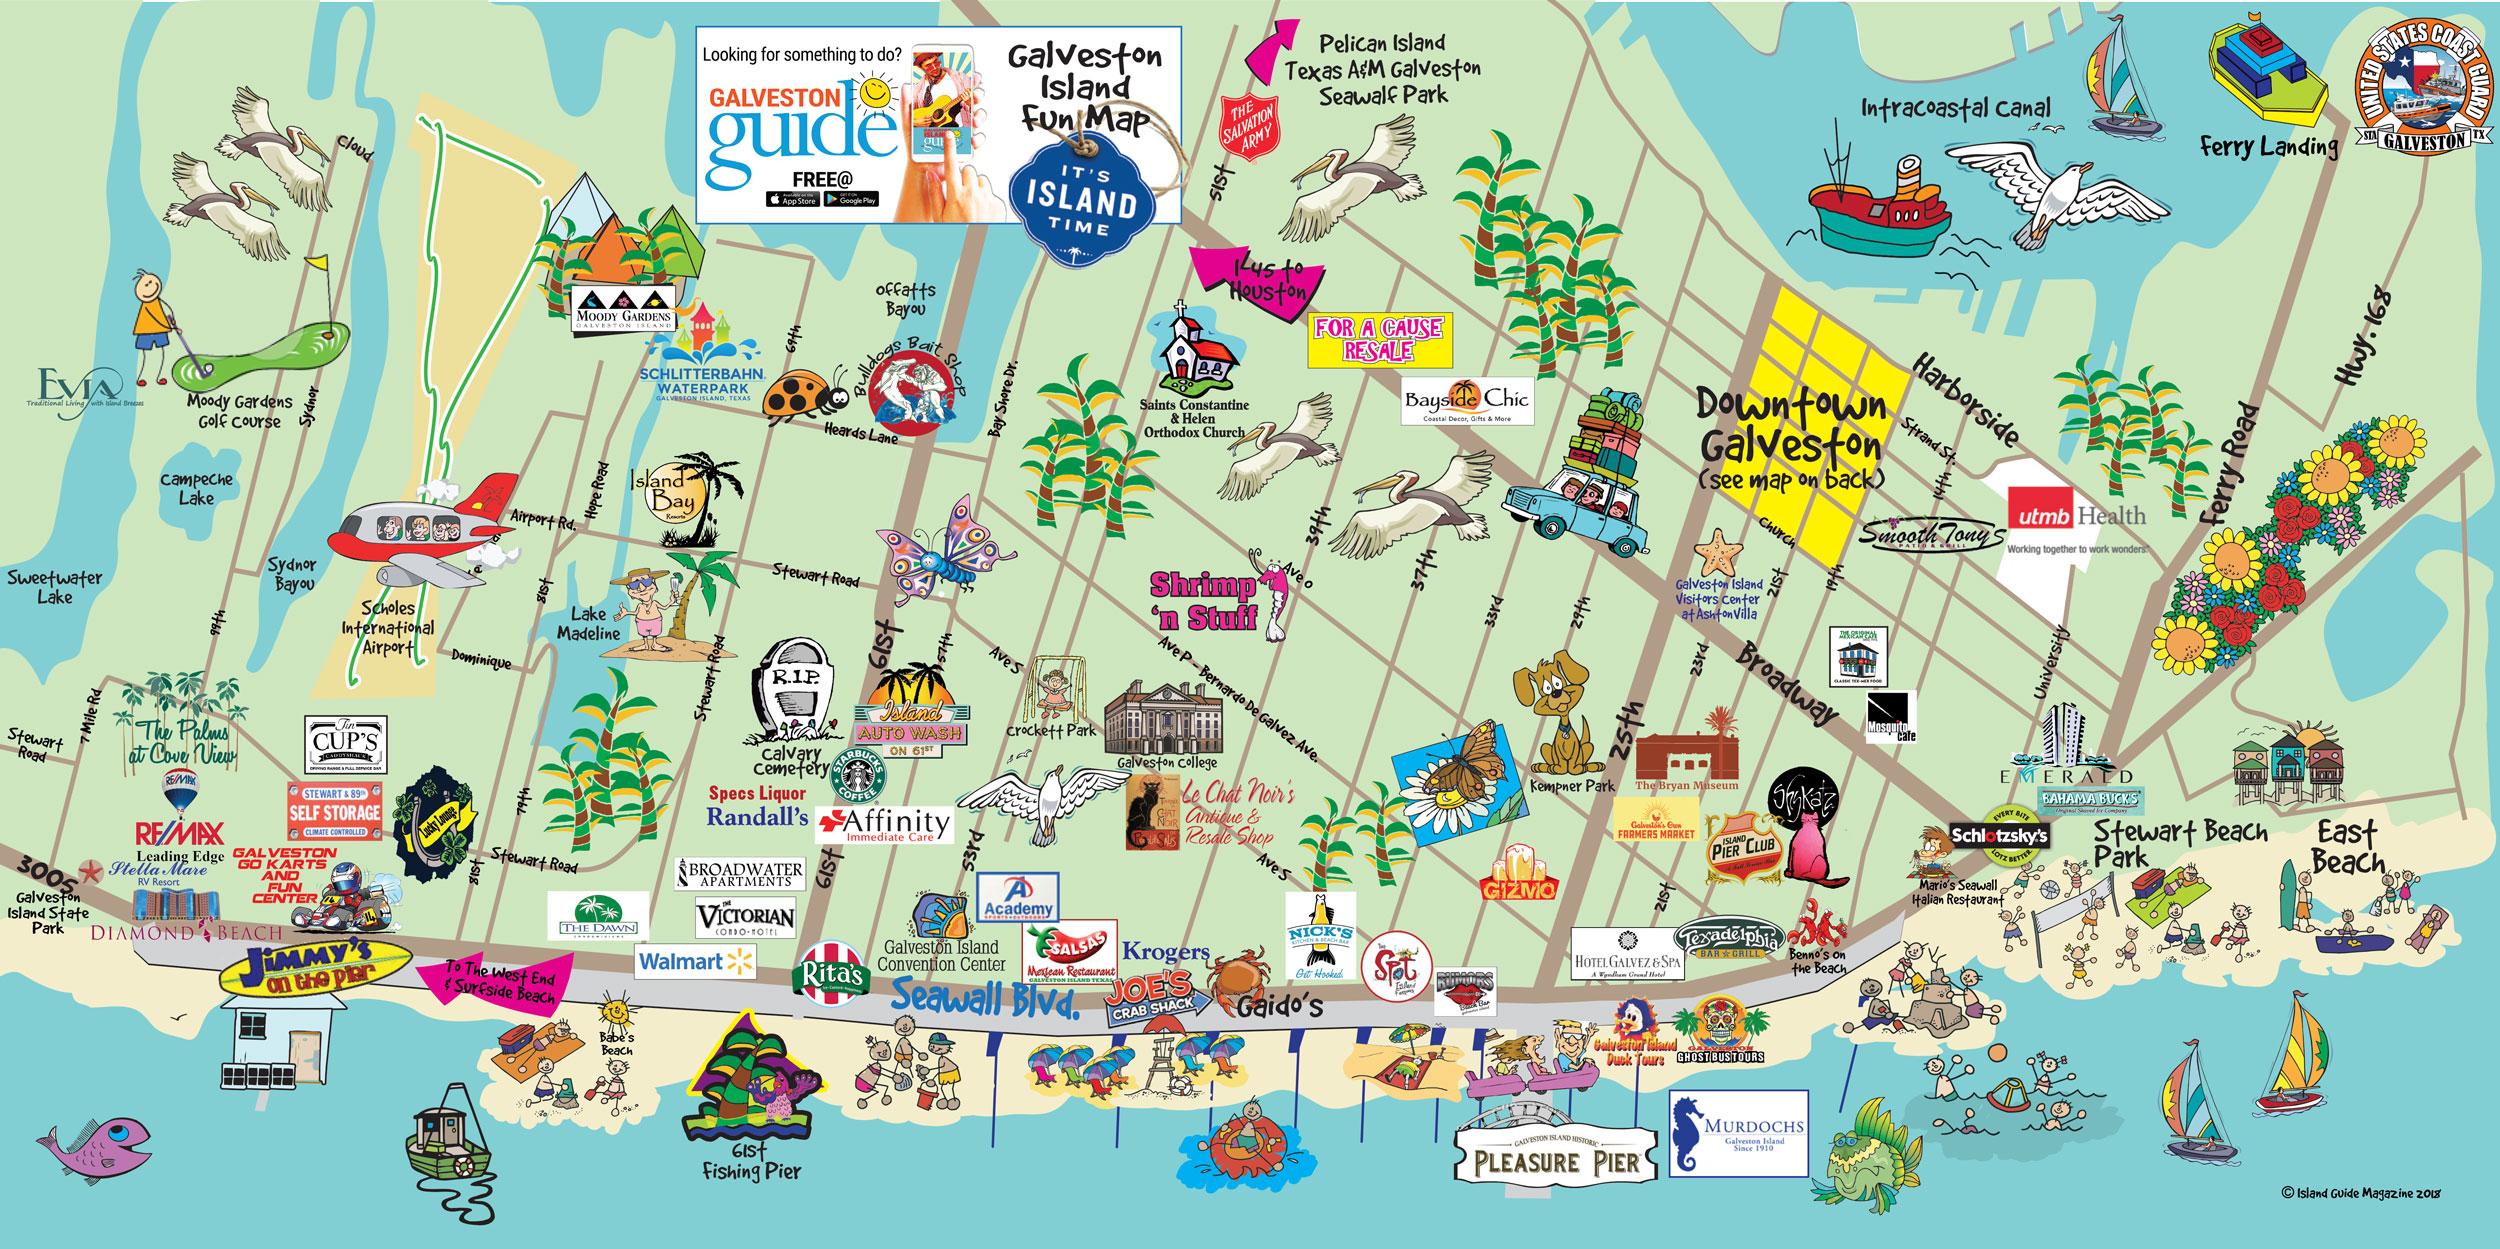 Galveston Map Of Texas.Galveston Tx Galveston Fun Maps Galveston Island Guide